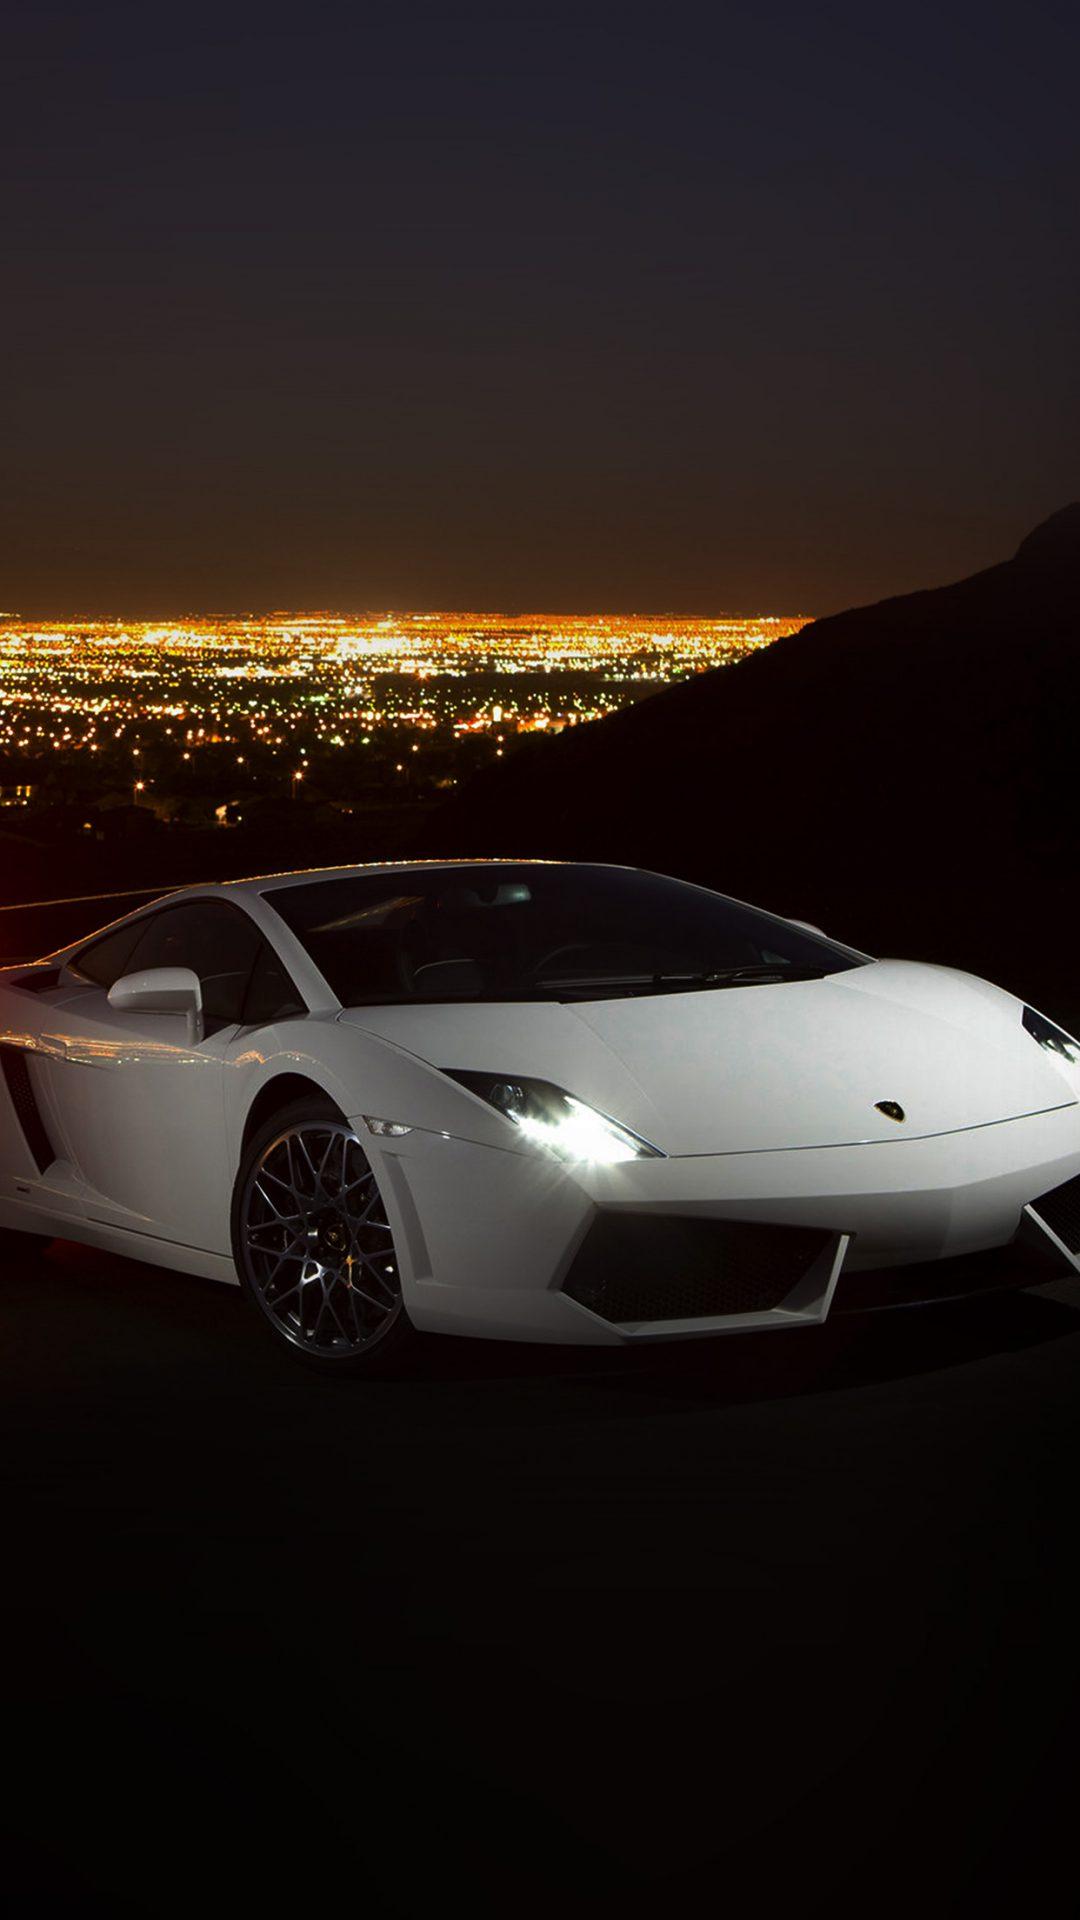 Car Lamborghini Art Dark Night Drive